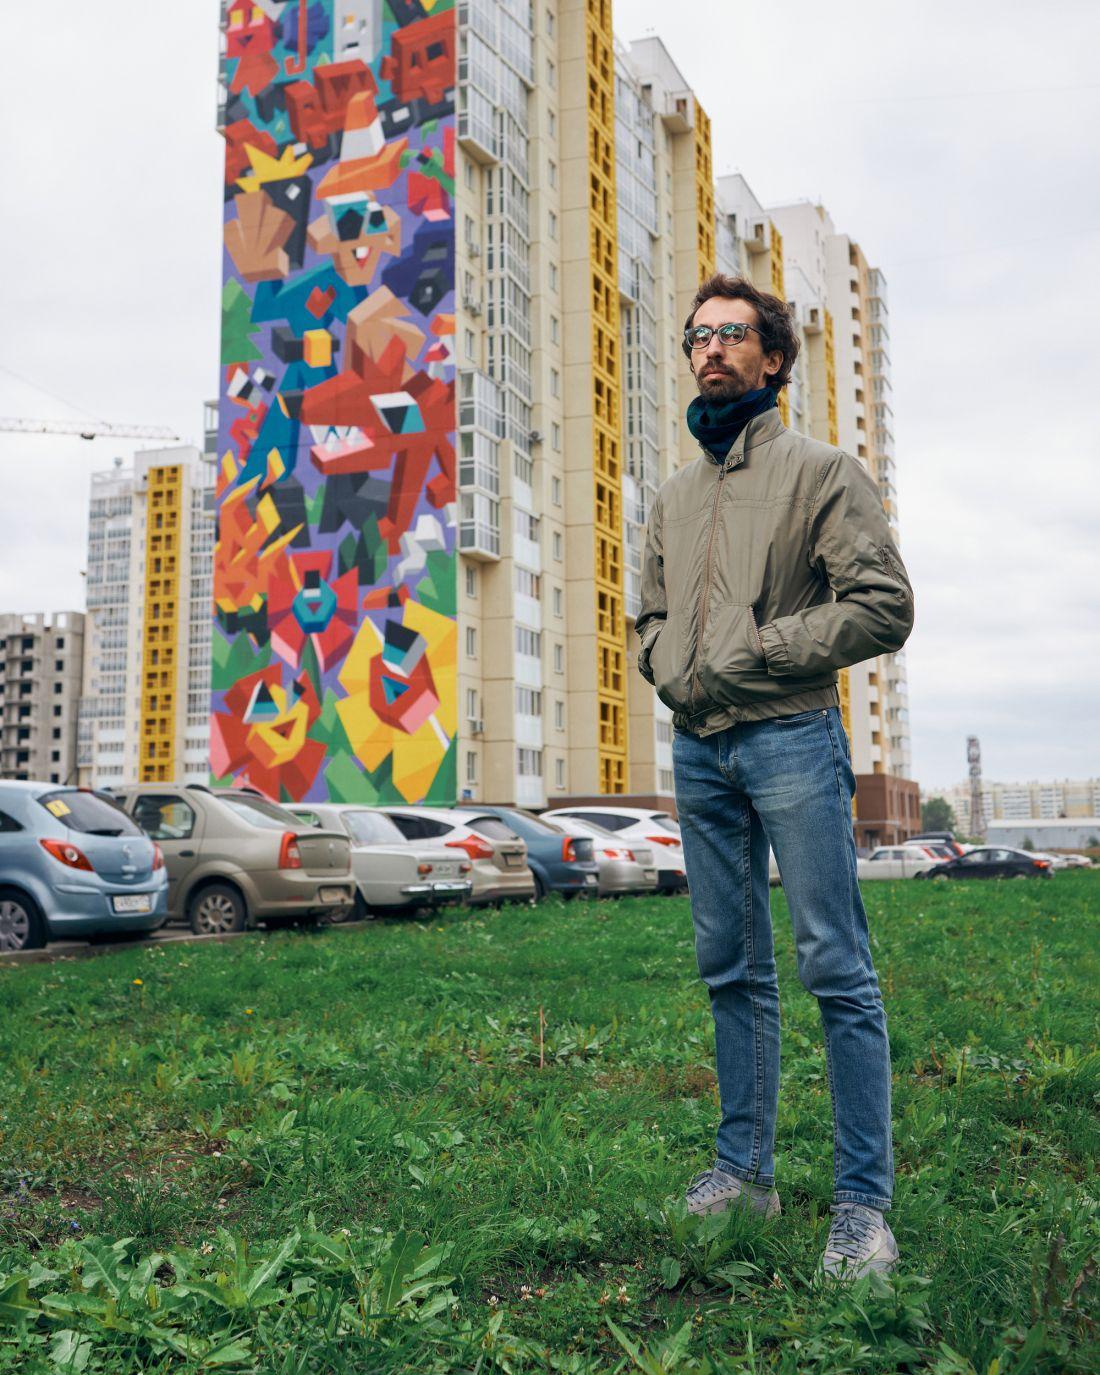 © Vitaly Tsarenkov